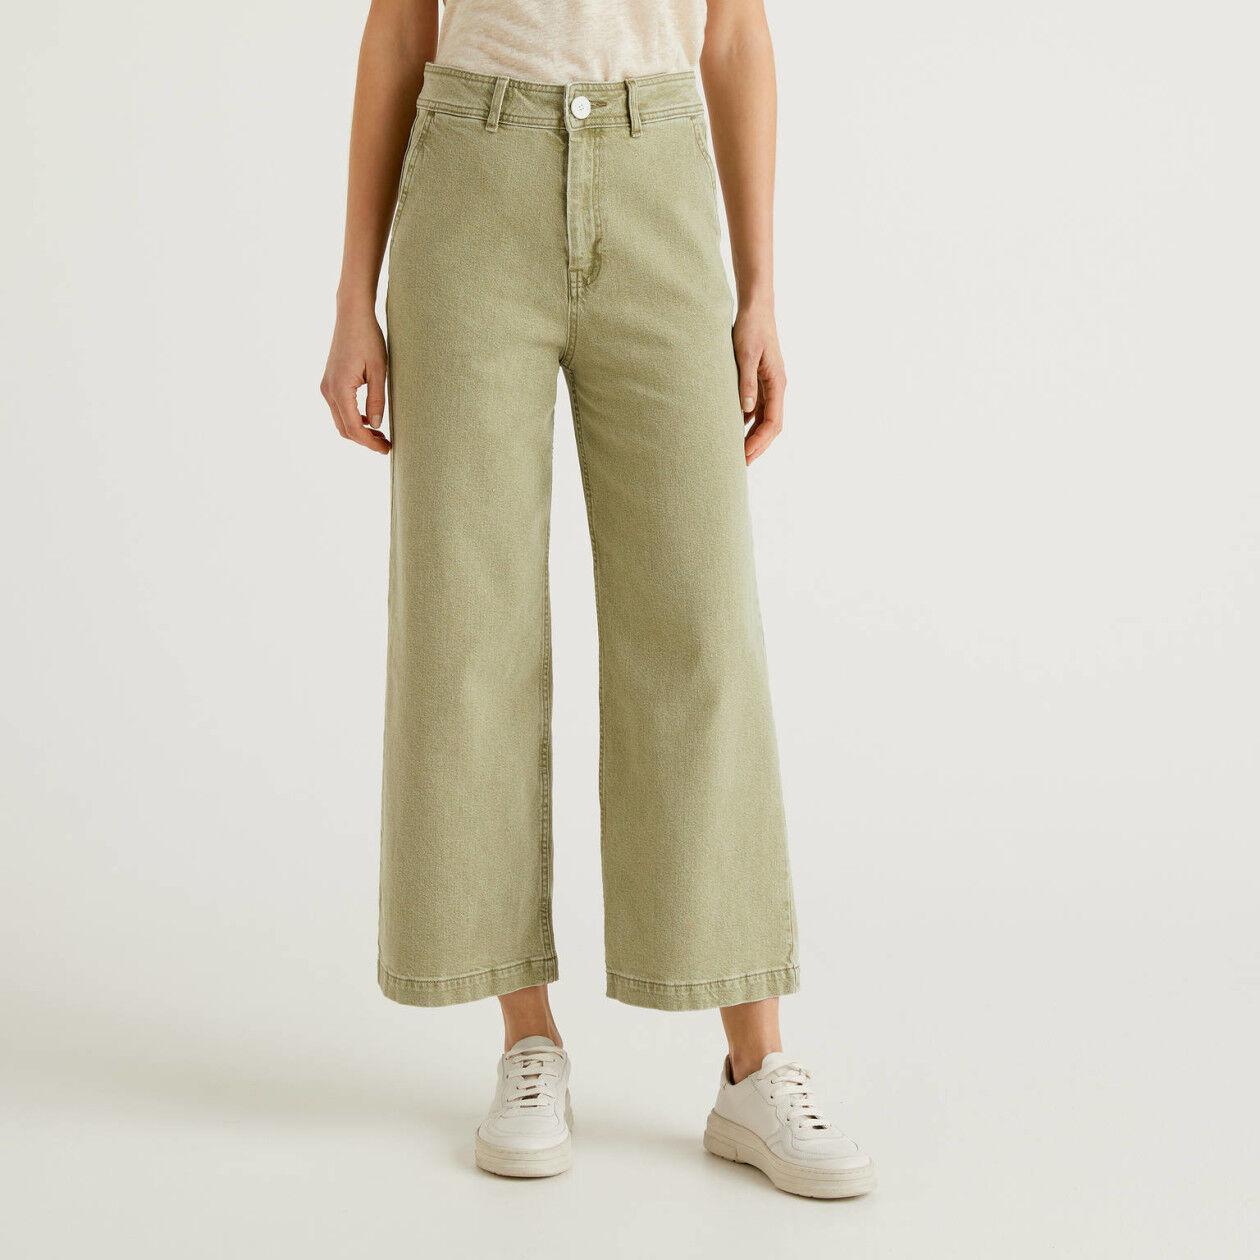 Jeans con gamba ampia